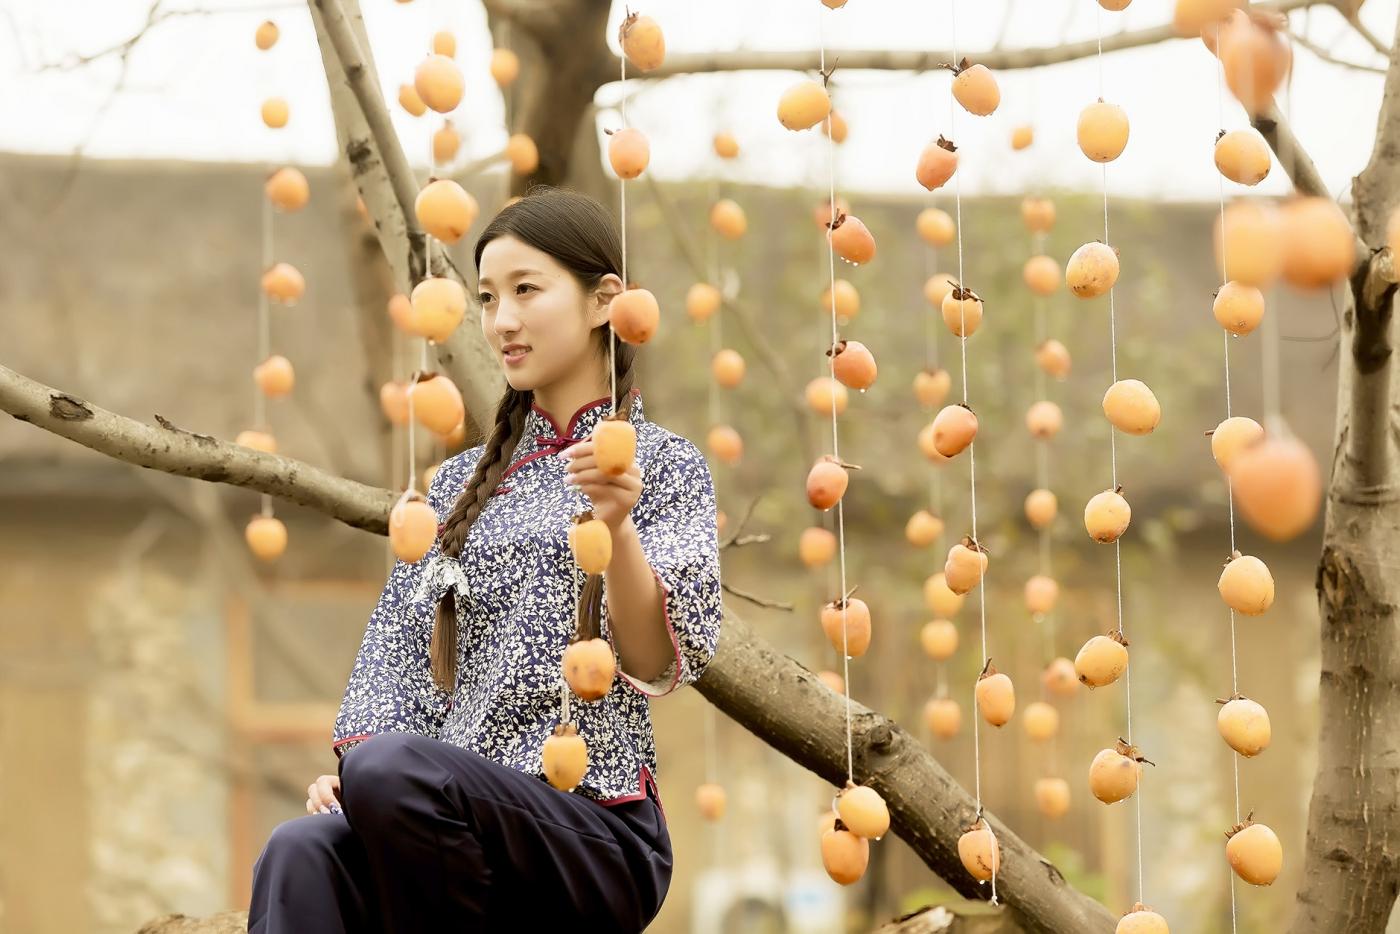 煎饼mm刘晓旭来到蒙山人家柿子节客串柿子西施_图1-8